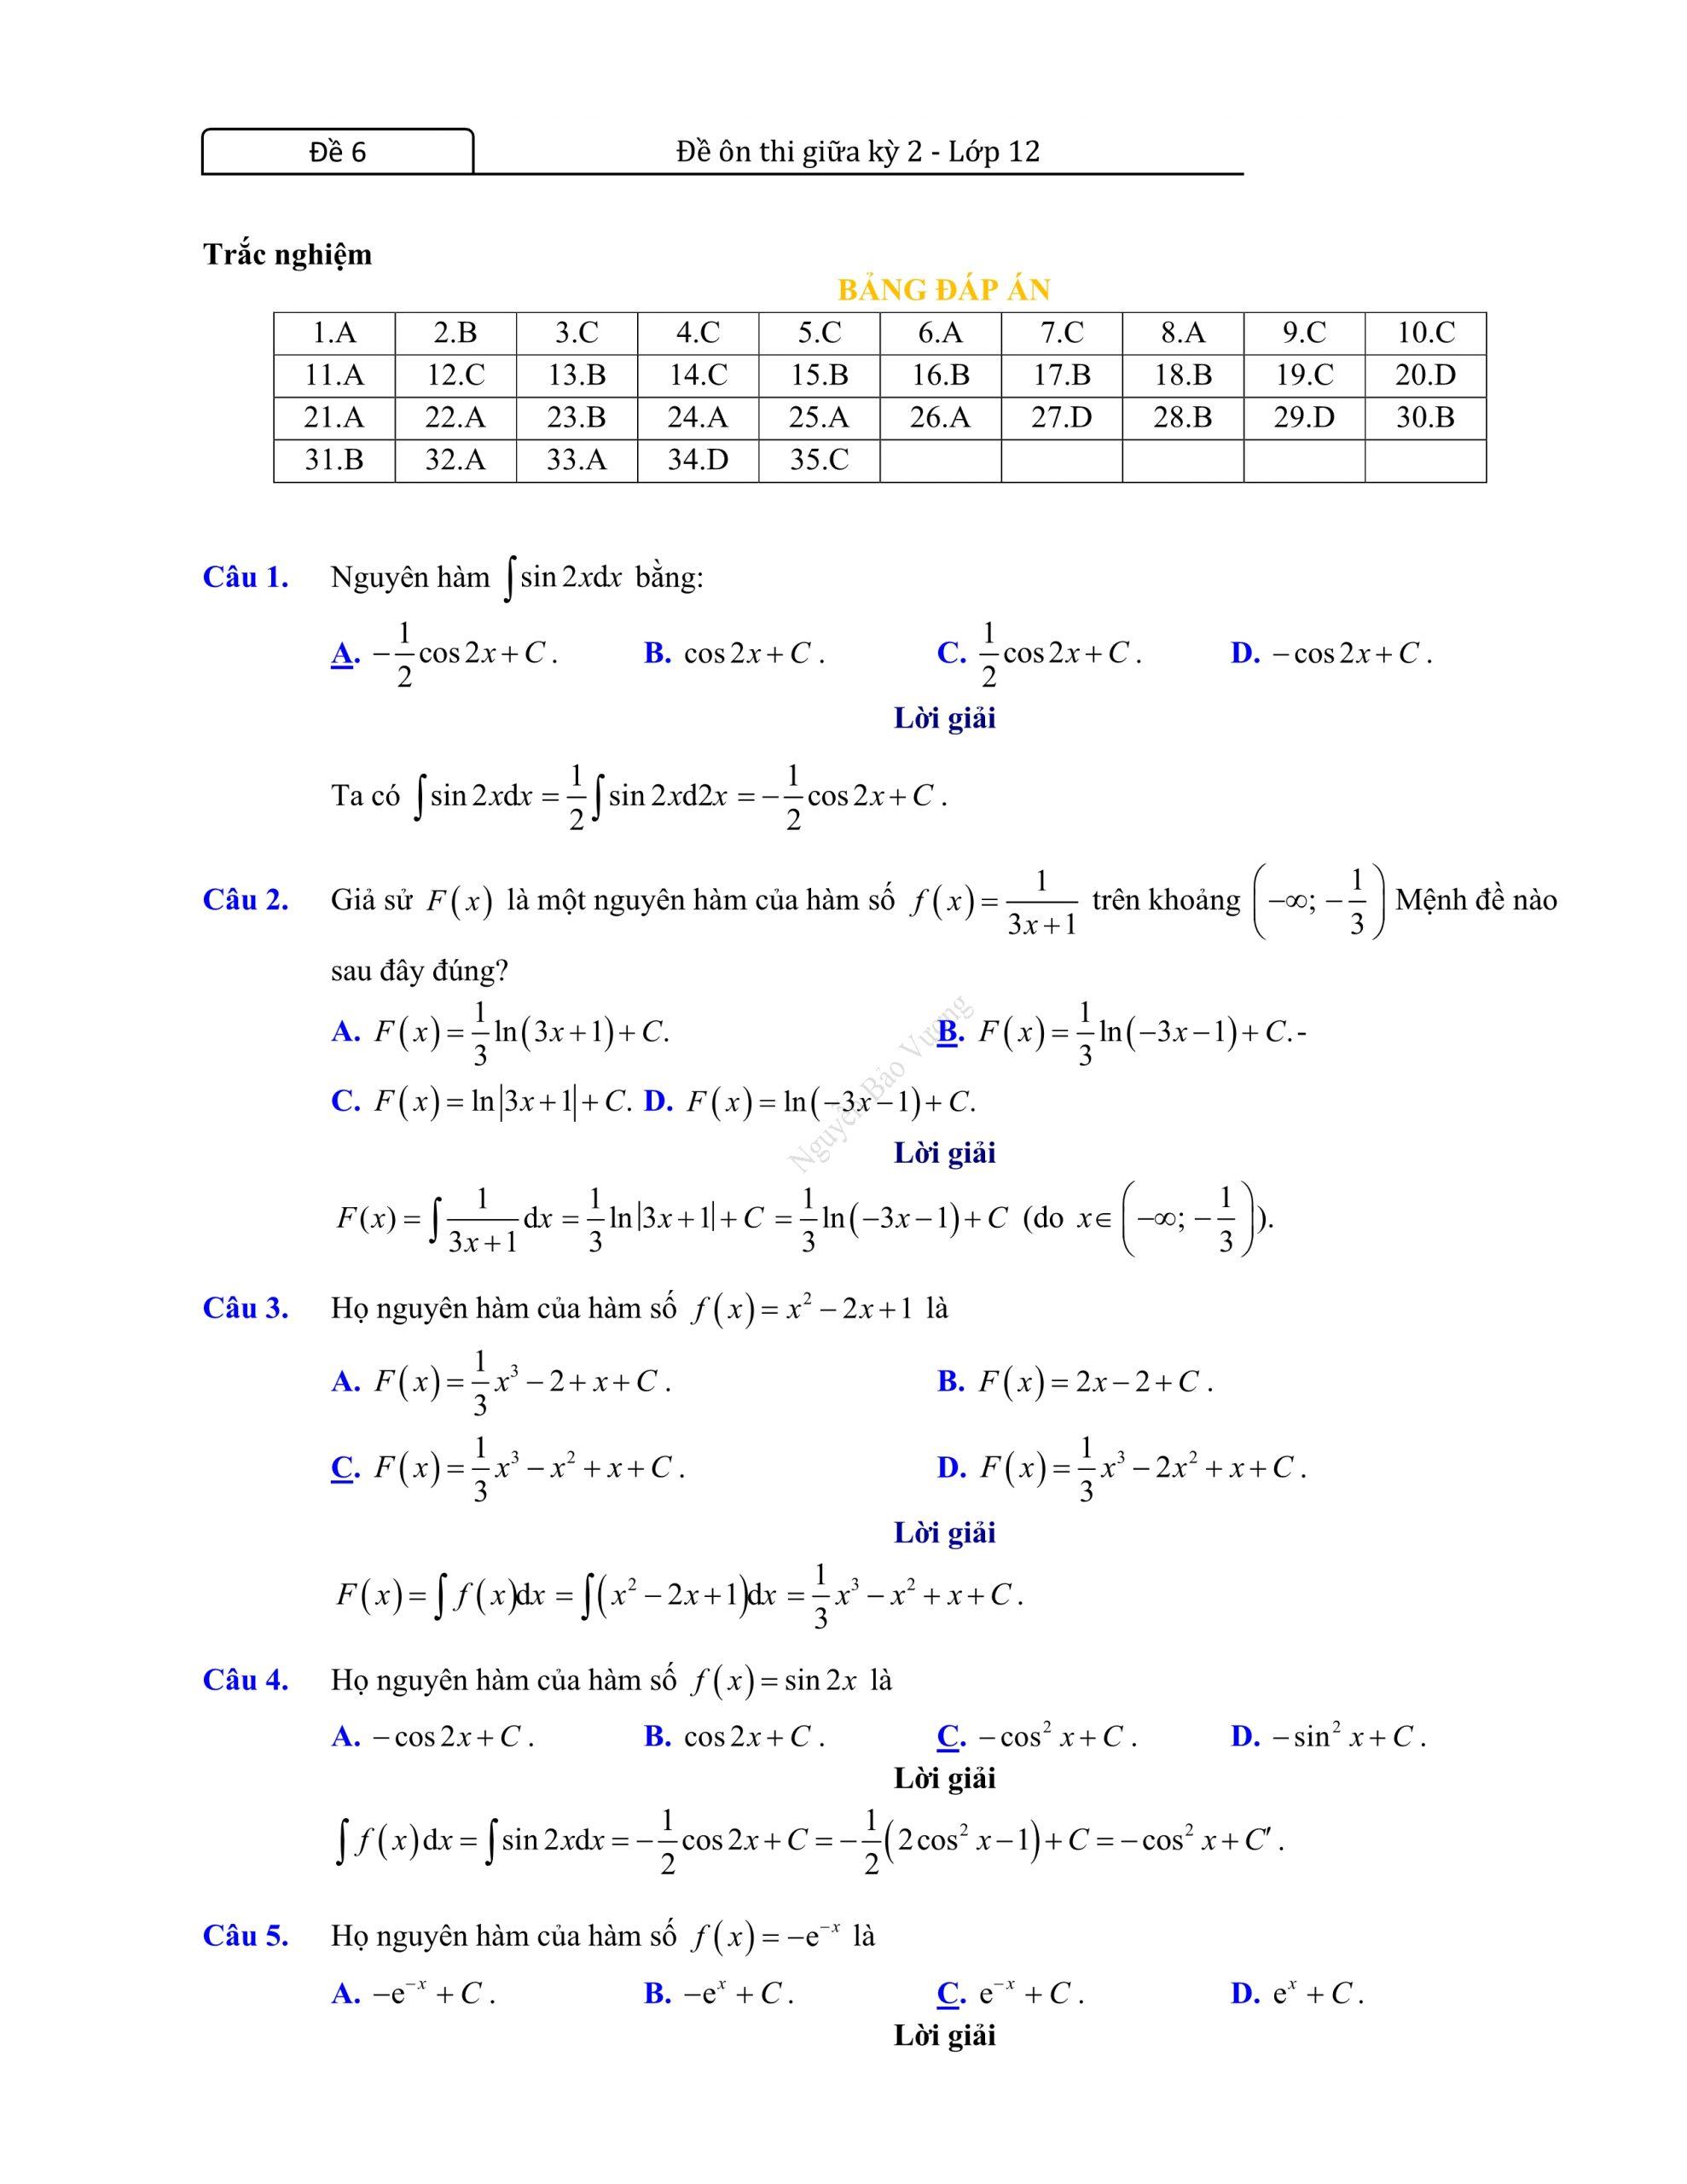 Đề thi giữa hk2 toán 12 có đáp án 2021 bản đẹp